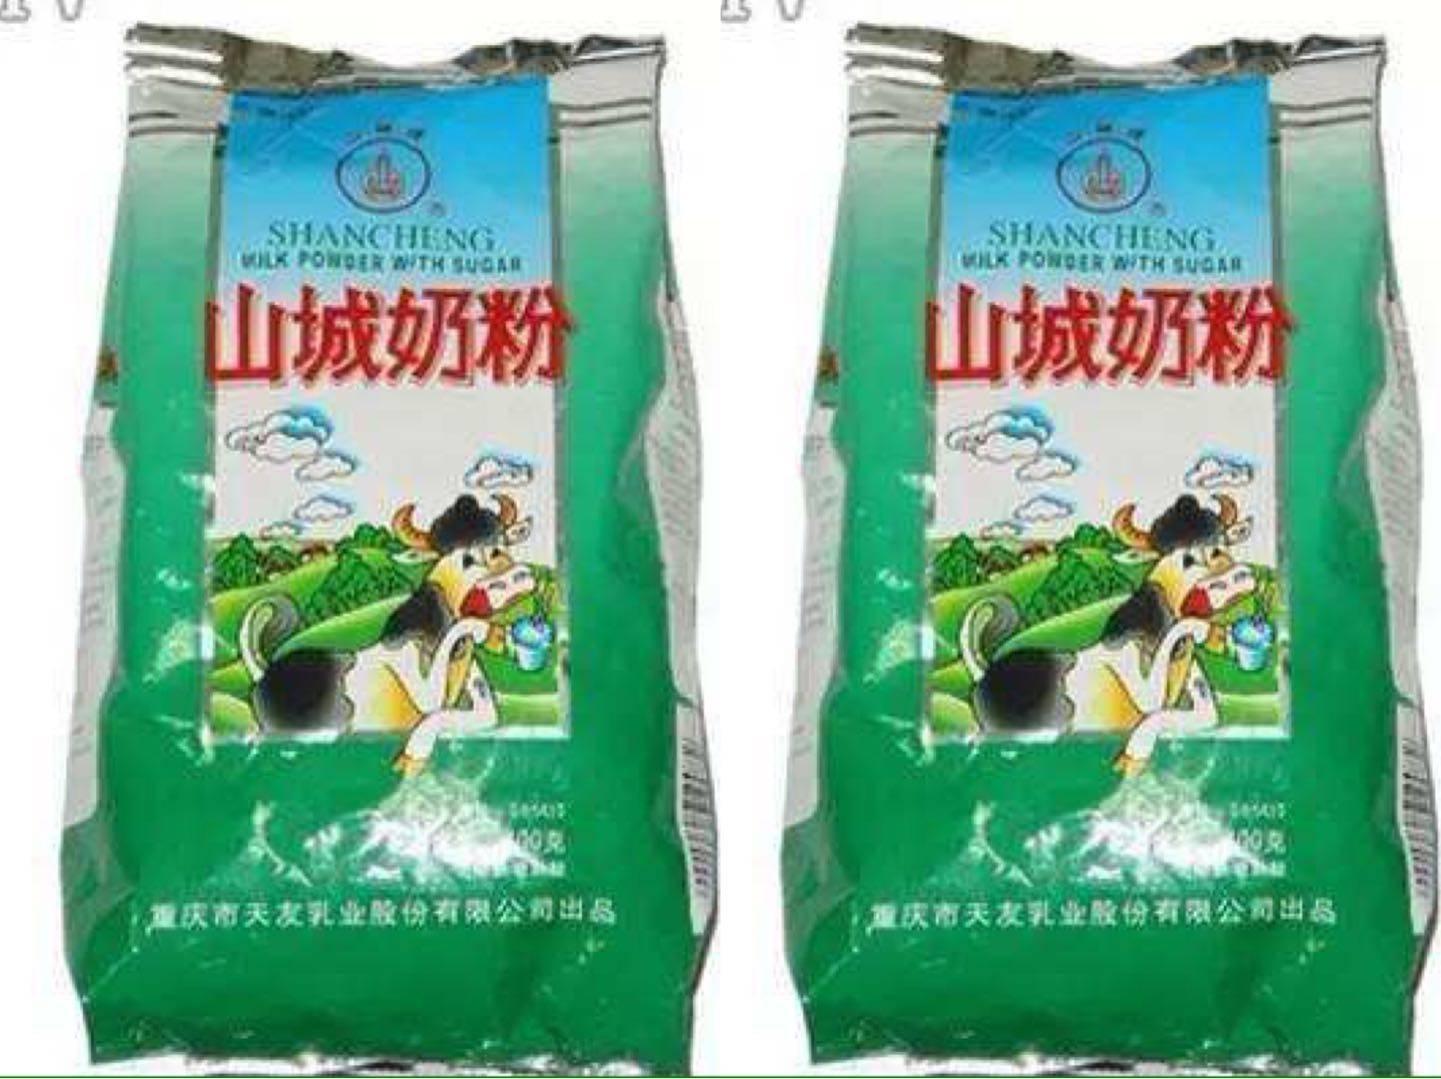 """山城奶粉:土生土长的重庆人对""""山城""""这个品牌有着很深的情愫,原因很简单:他们都是曾经喝着山城奶粉长大的."""